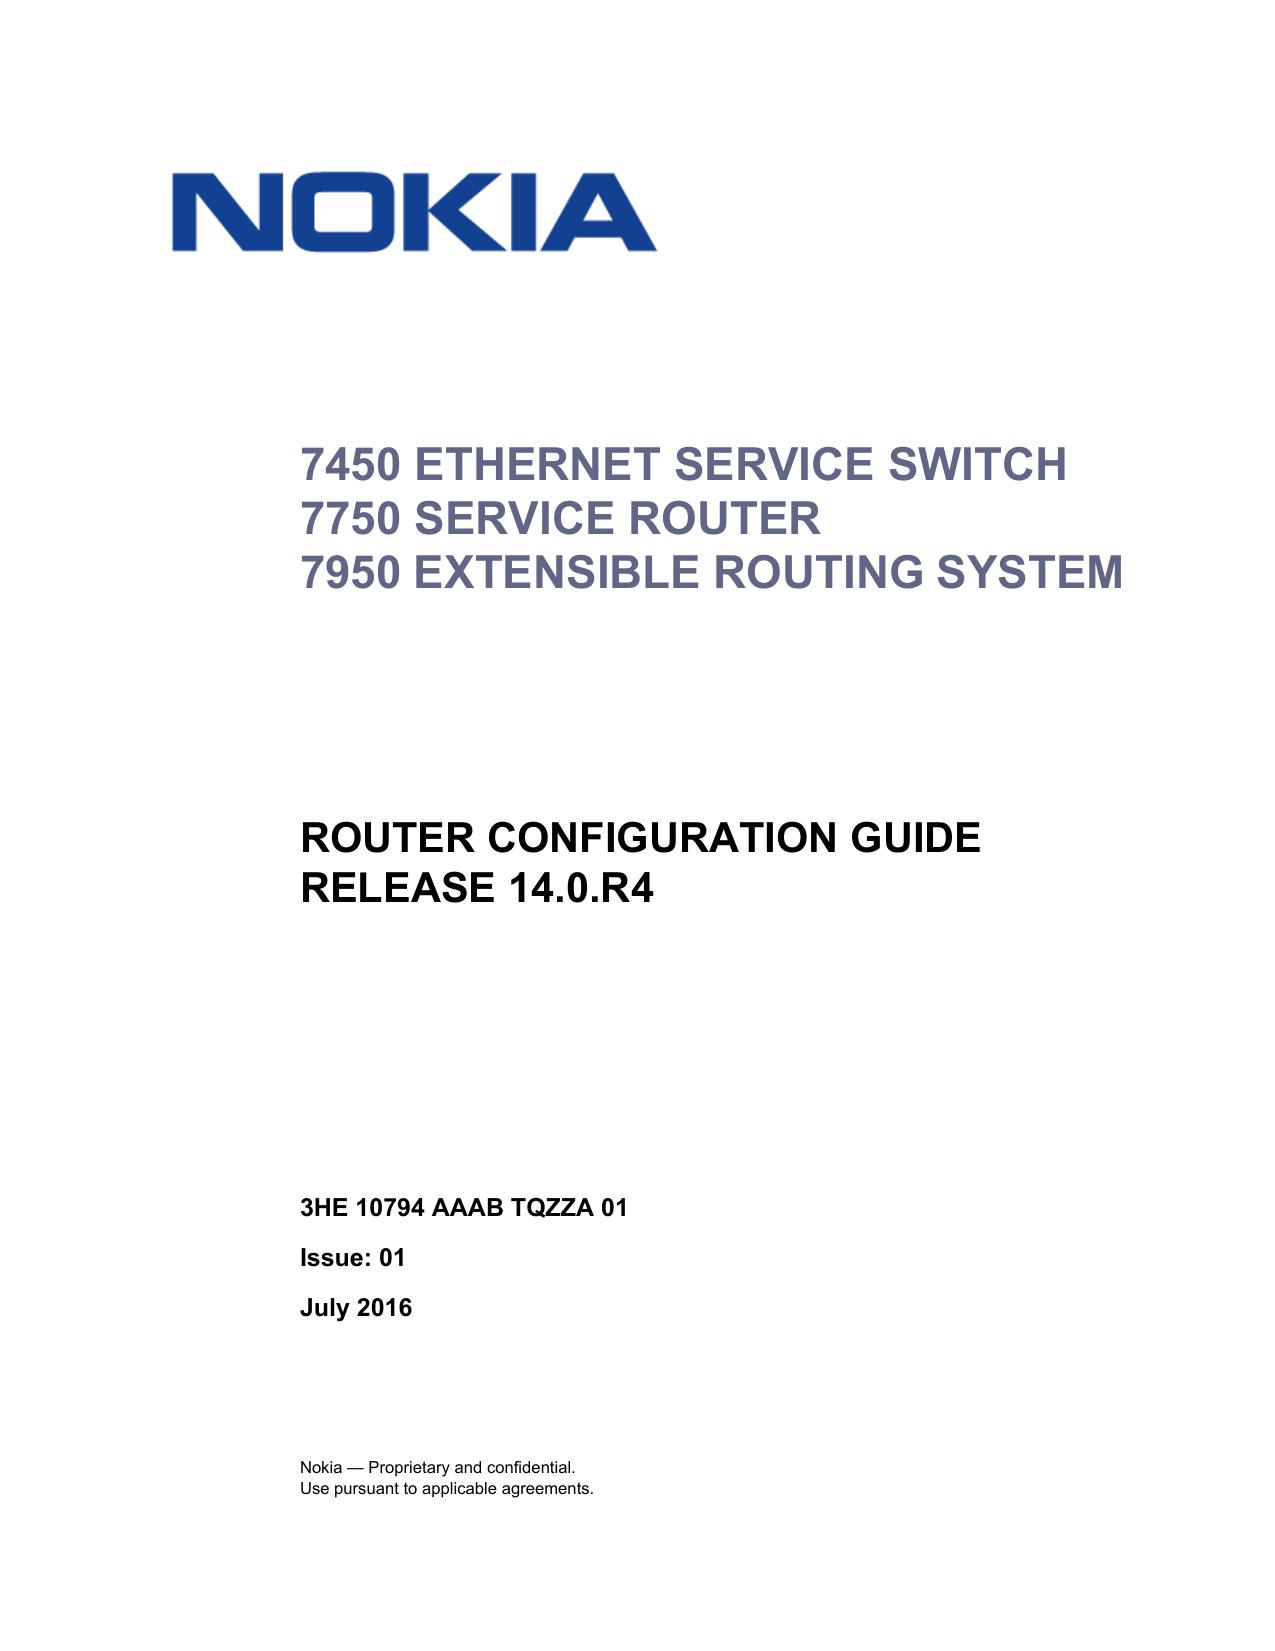 Router Configuration Guide R14 0 R4 - Alcatel | manualzz com